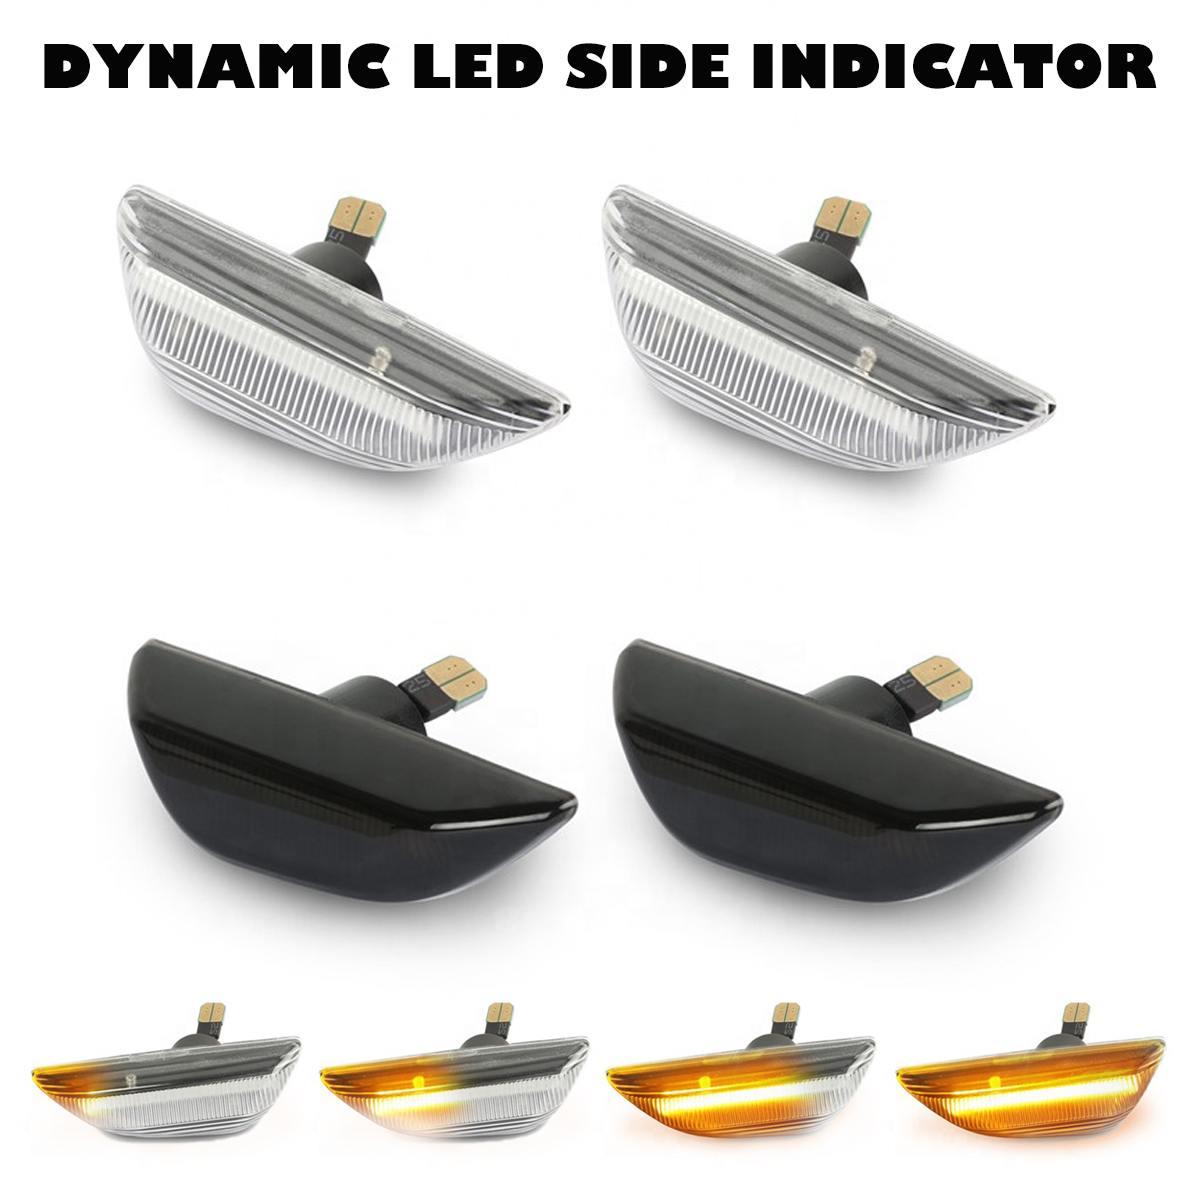 2 шт., светодиодный динамический боковой маркер, световой сигнал поворота, светильник, последовательный мигатель для Opel Mokka X, Chevrolet Trax 13 ~ 19